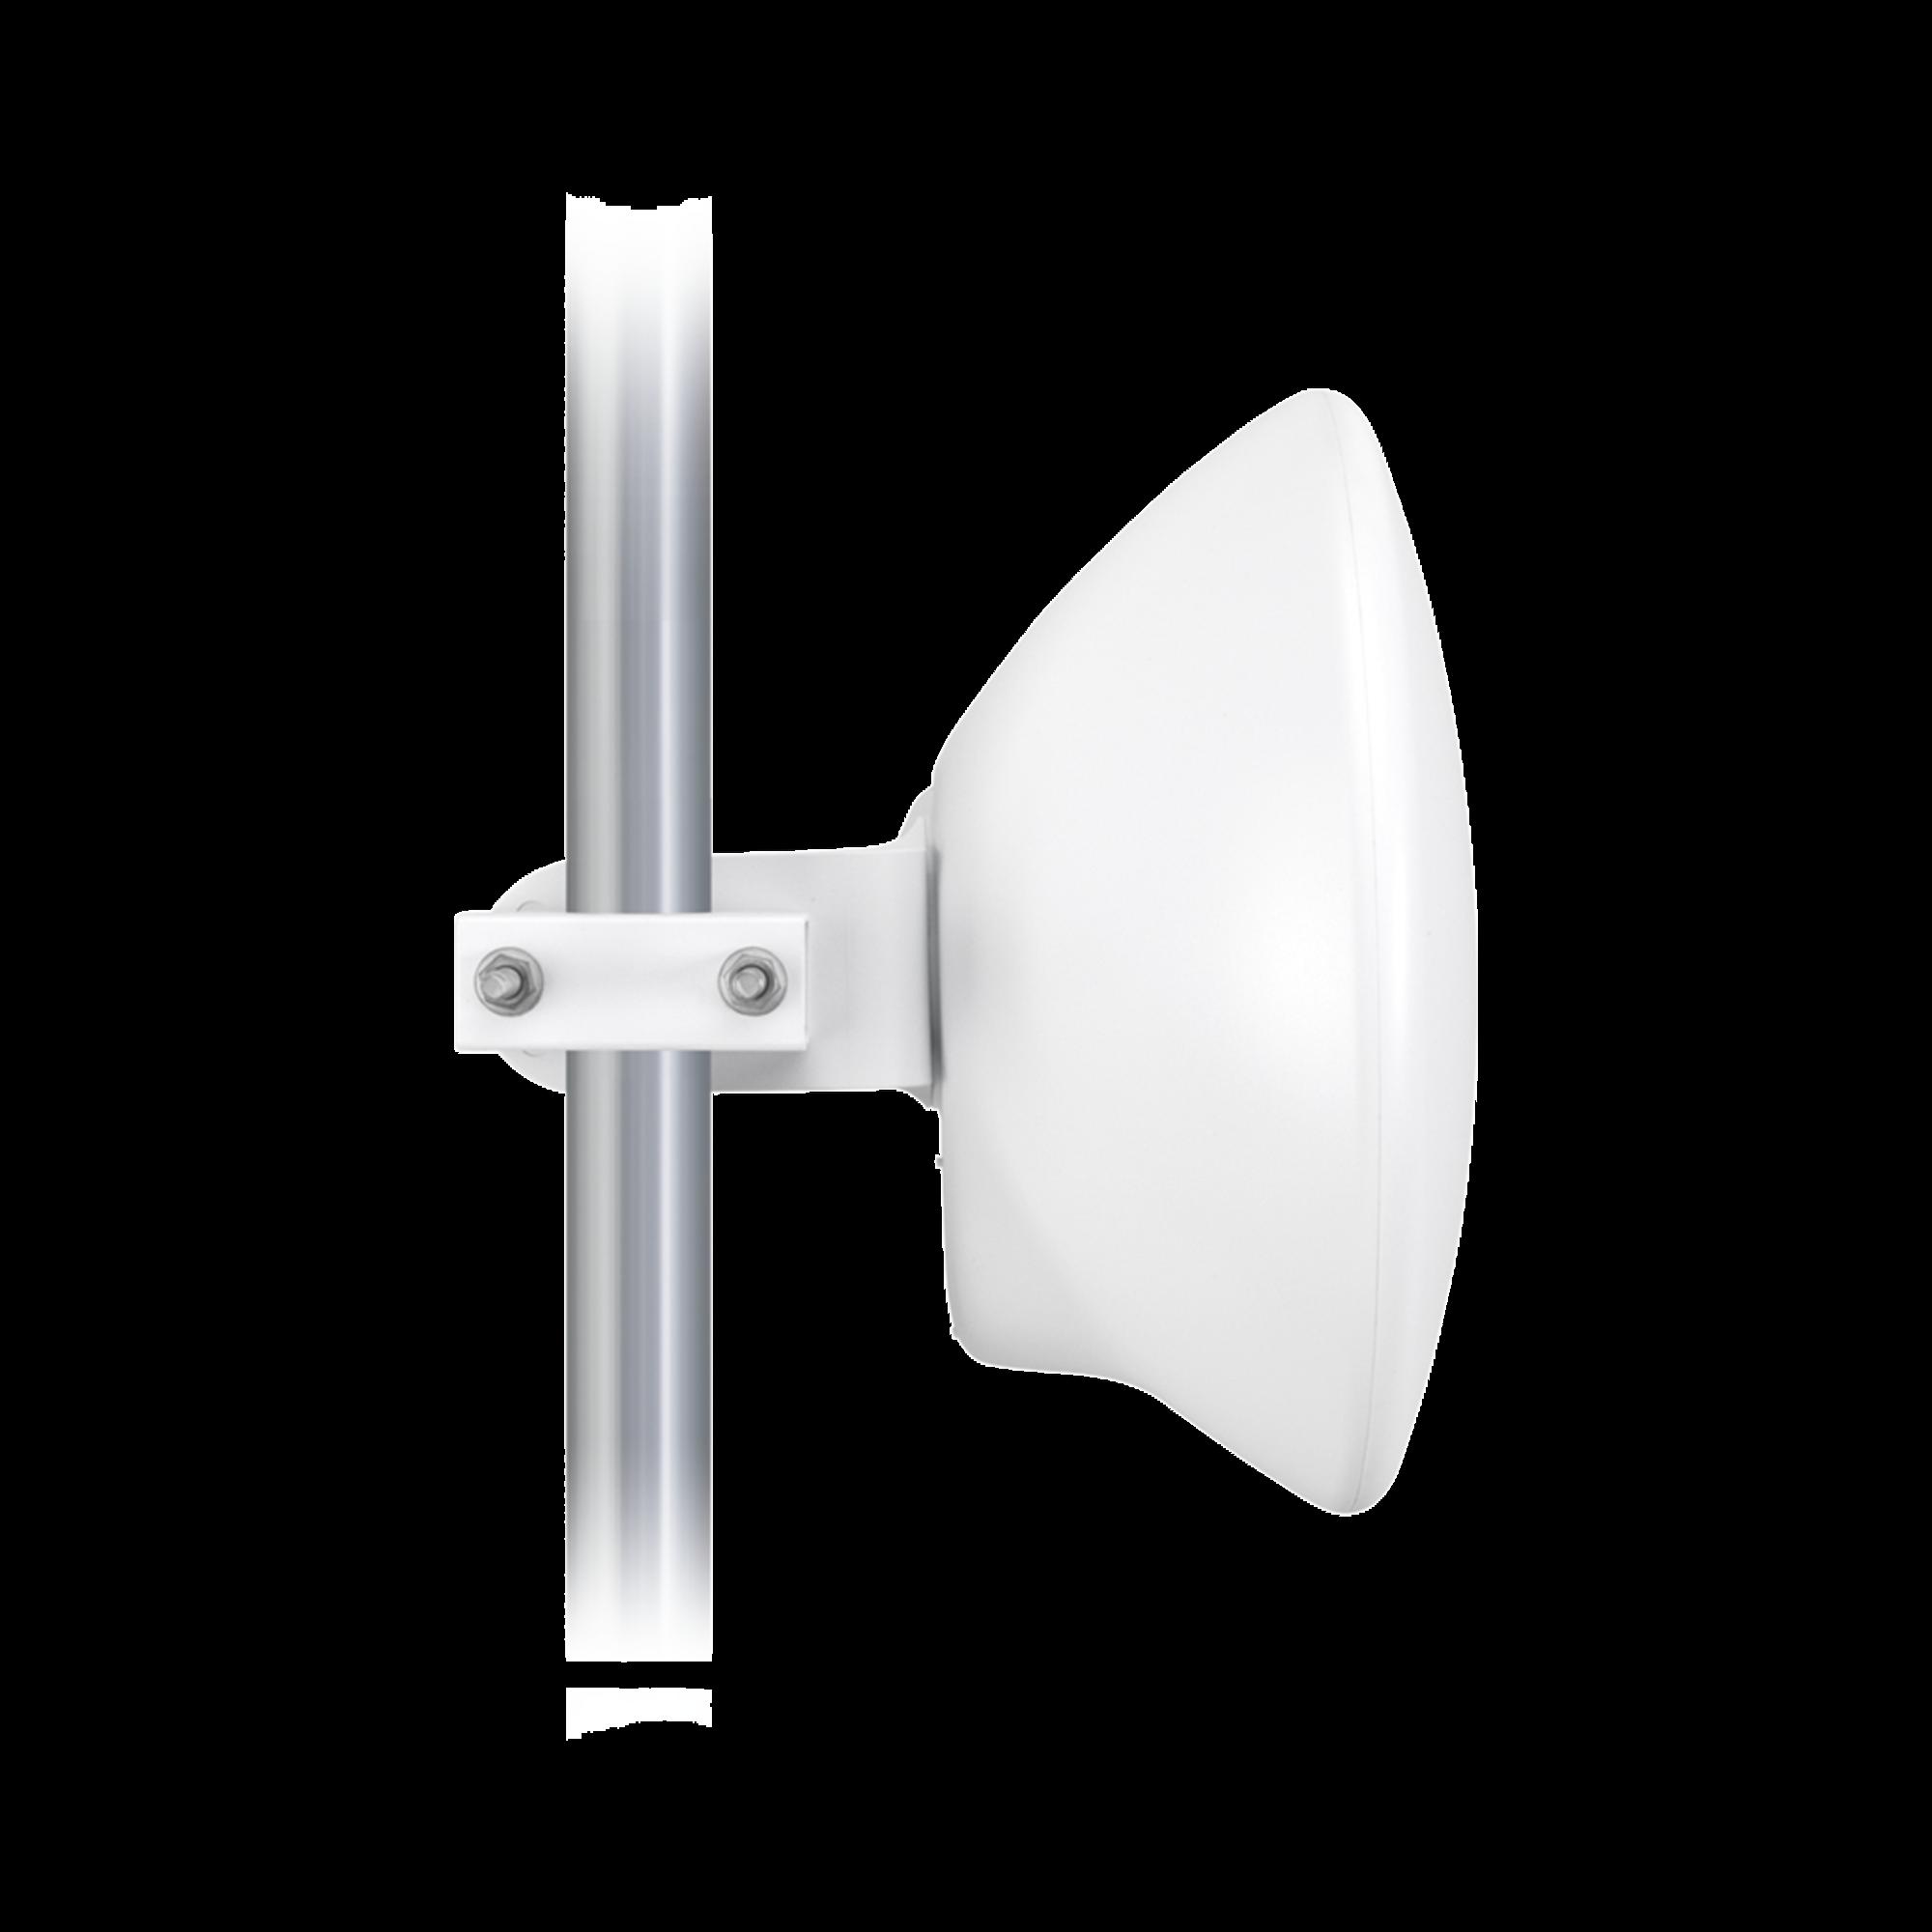 Cliente PtMP LTU? Pro, 5 GHz (4.8 - 6-2 GHz) con antena integrada de 24 dBi